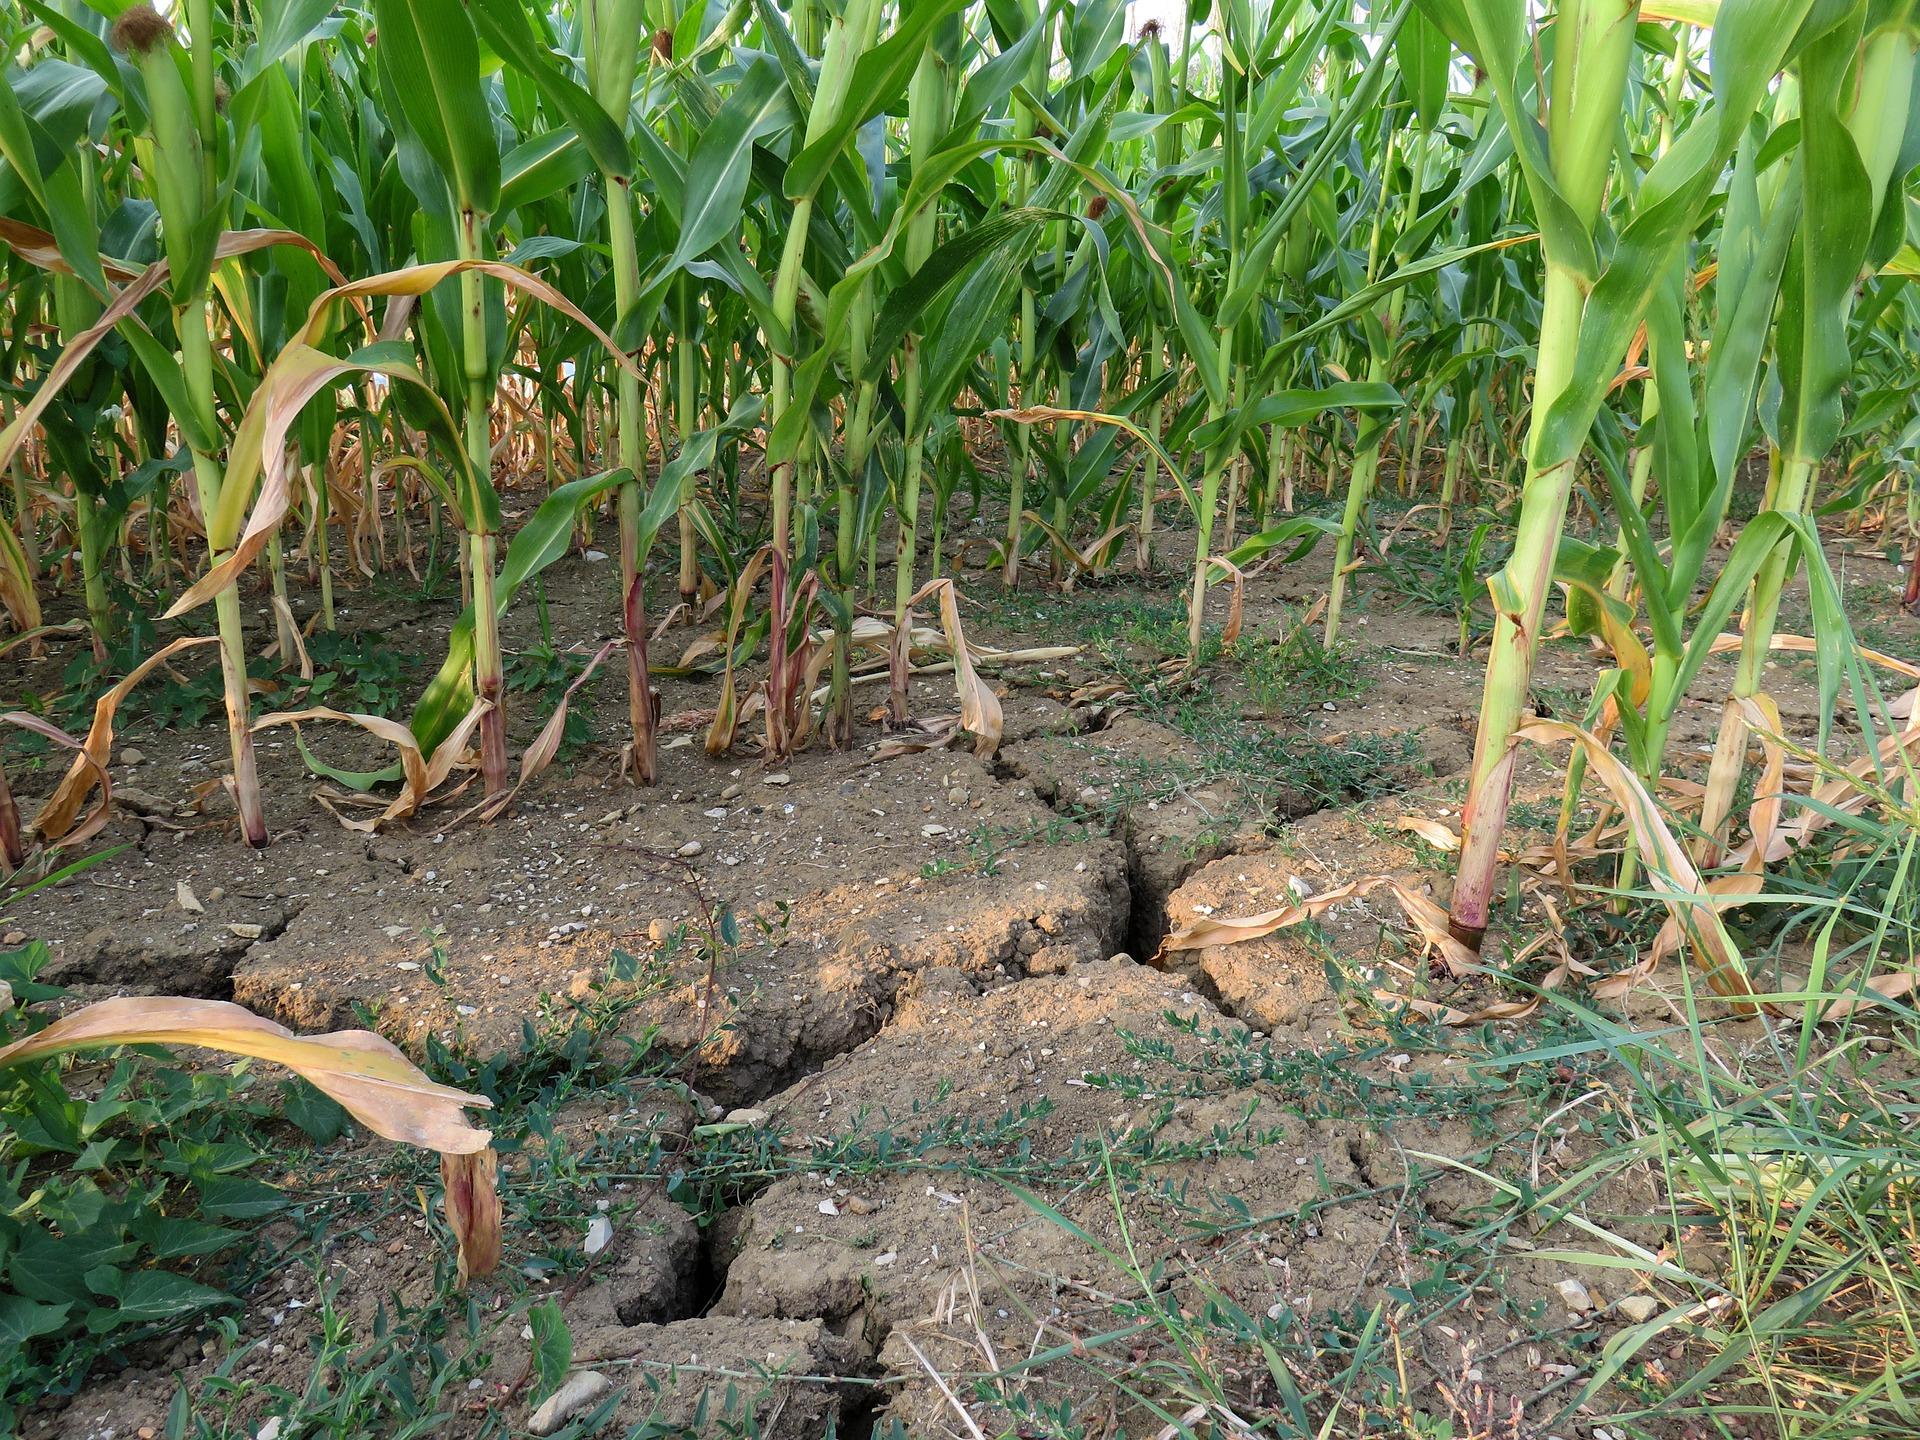 susza-ziemia-uprawy